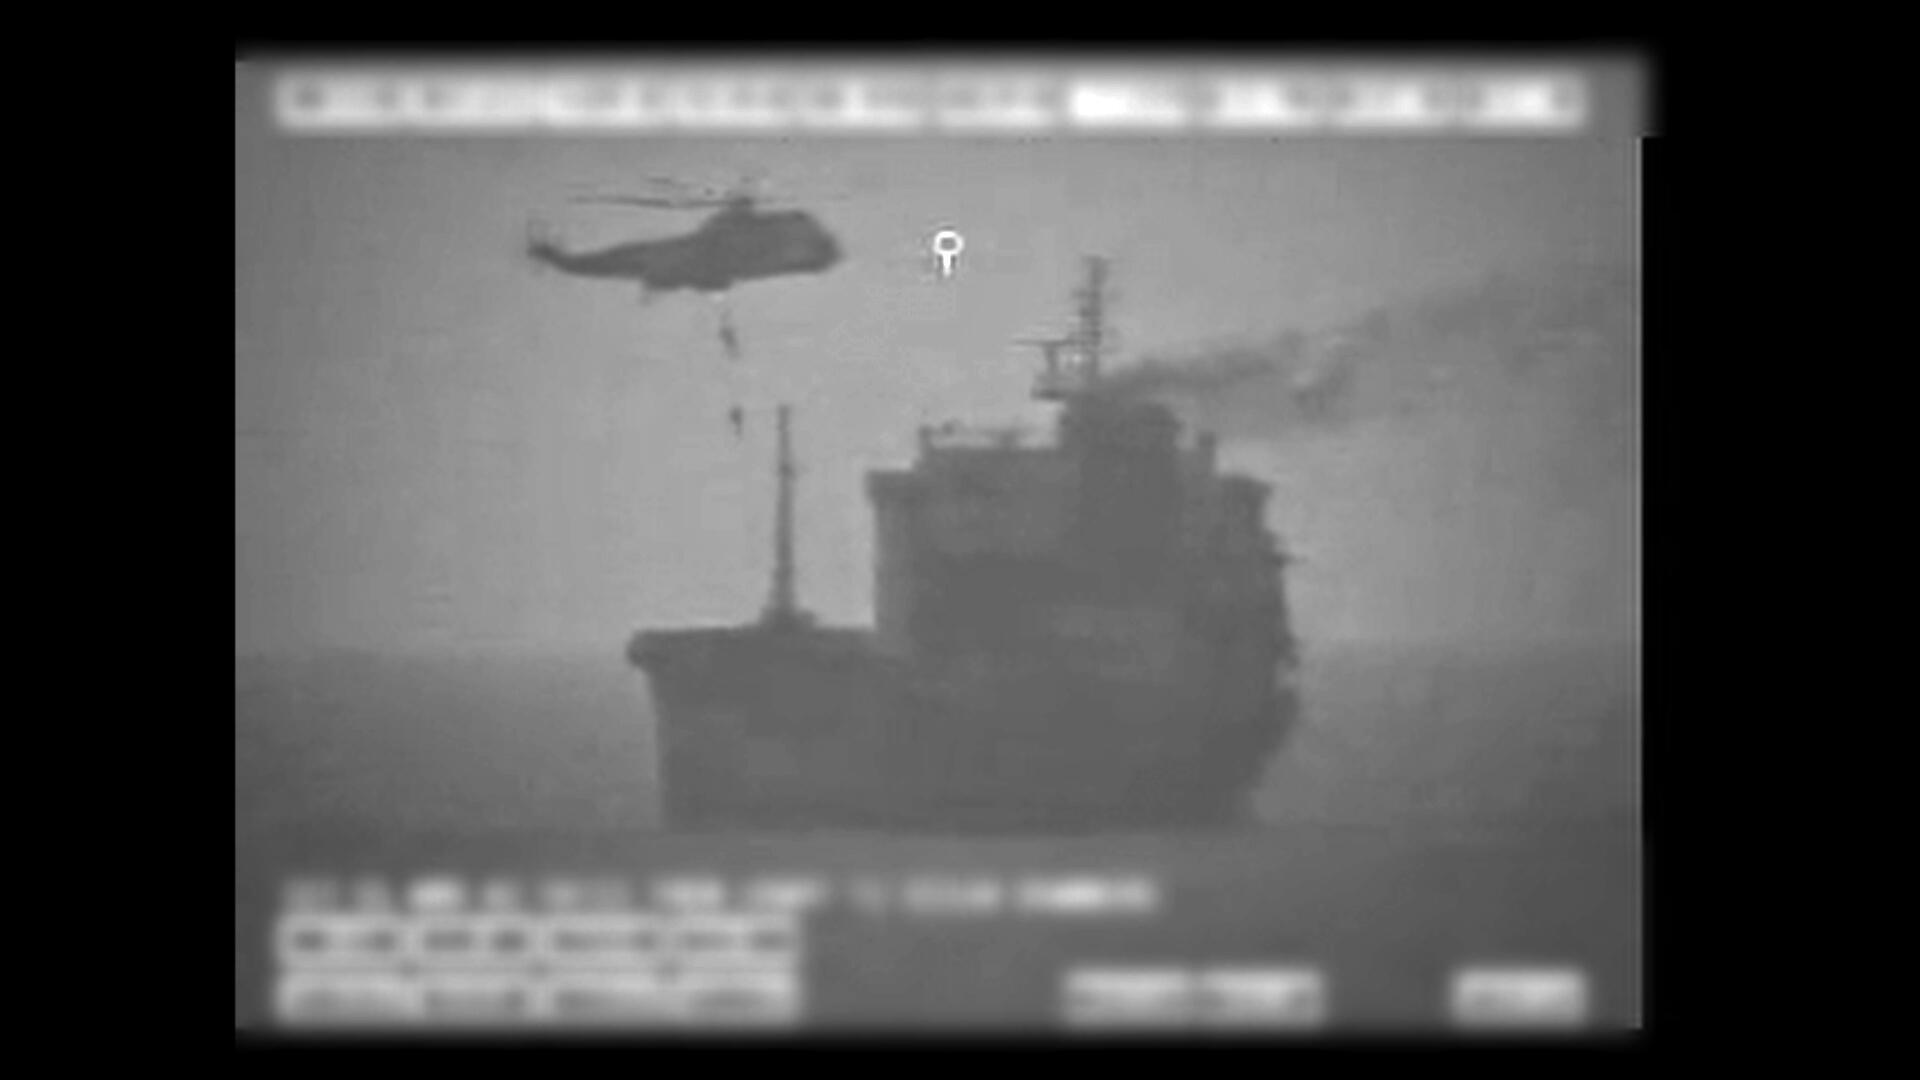 """سنتکام امروز پنجشنبه ۲۳ مرداد/١۳ اوت با انتشار یک ویدئو سیاه و سفید اعلام کرد که نیروهای ایرانی یک فروند نفتکش به نام """"ویلا"""" با پرچم لیبریا را در نزدیکی تنگه هرمز برای مدتی تحت کنترل خود درآورند."""